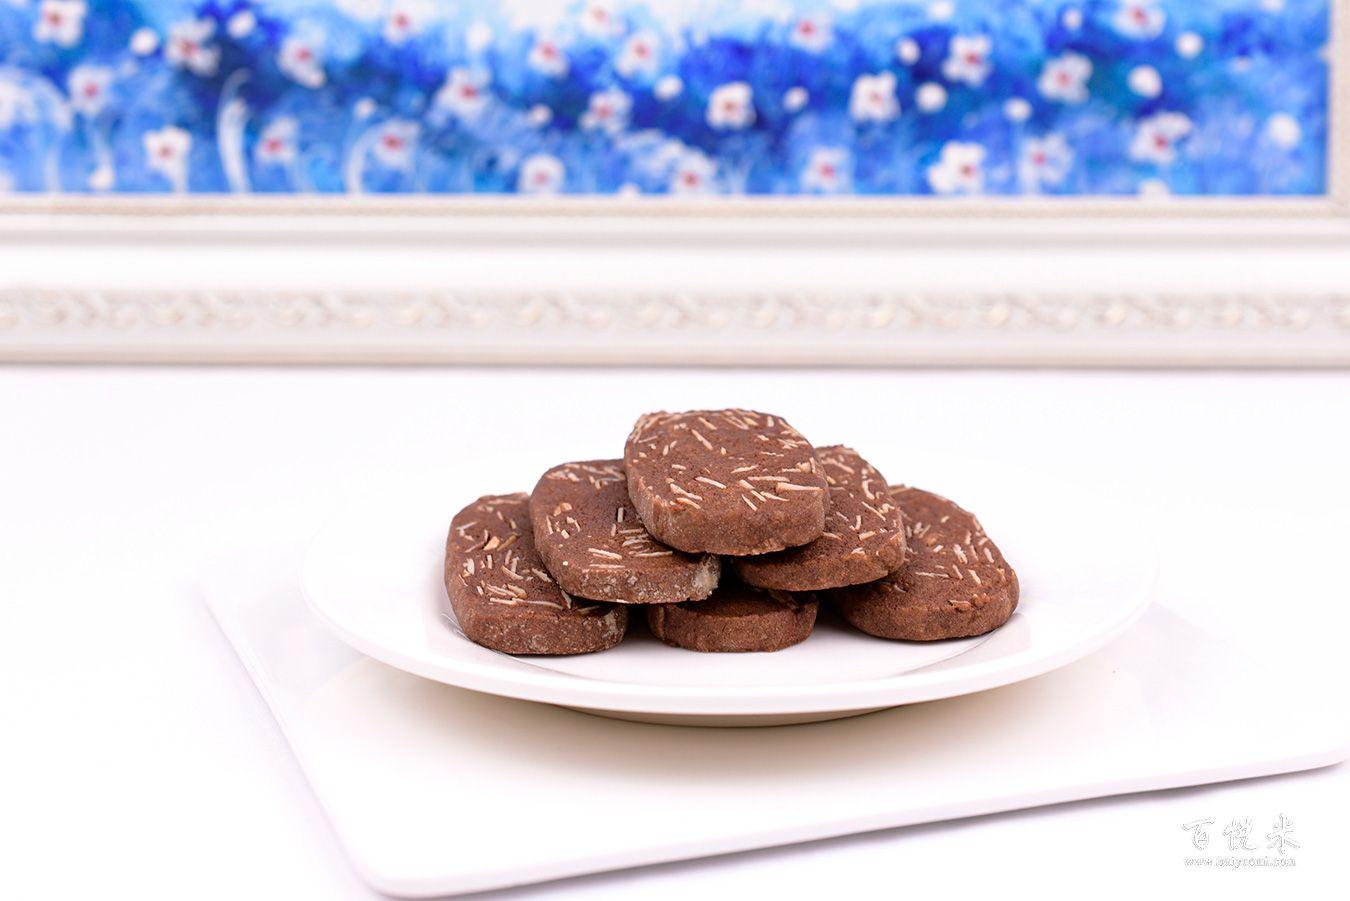 杏仁巧克力饼干高清图片大全【蛋糕图片】_346